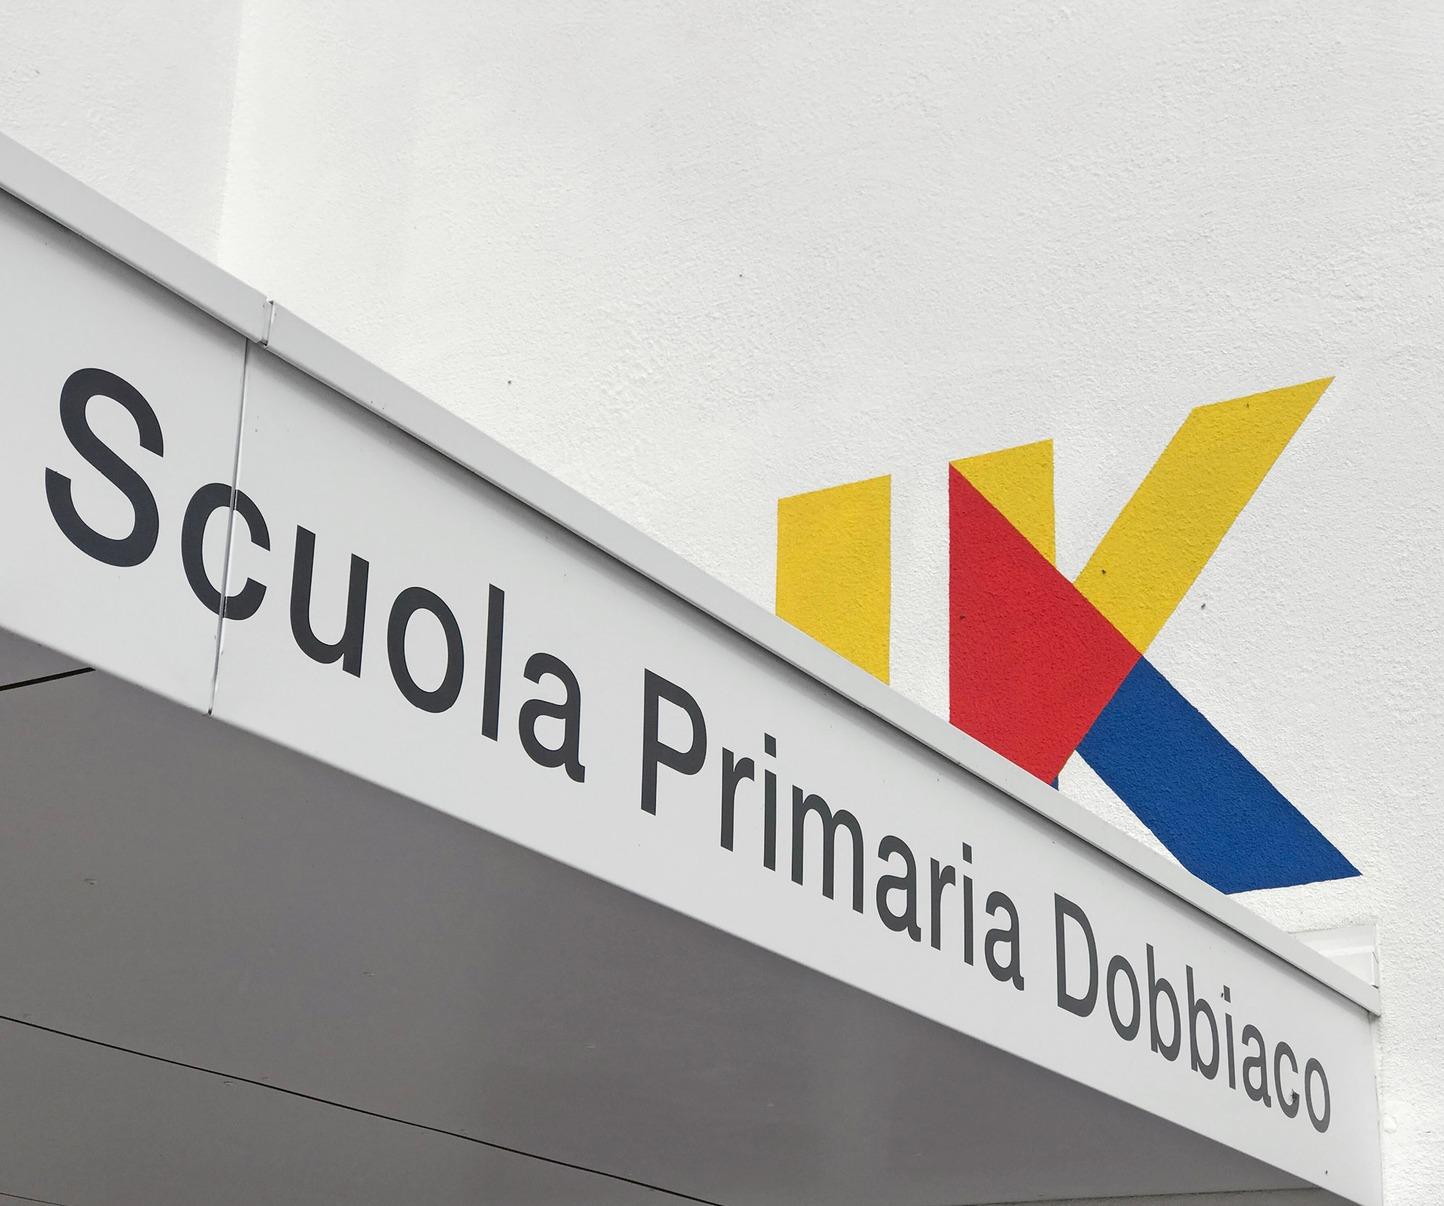 Grafica per Scuola Primaria / Graphics for Primary School